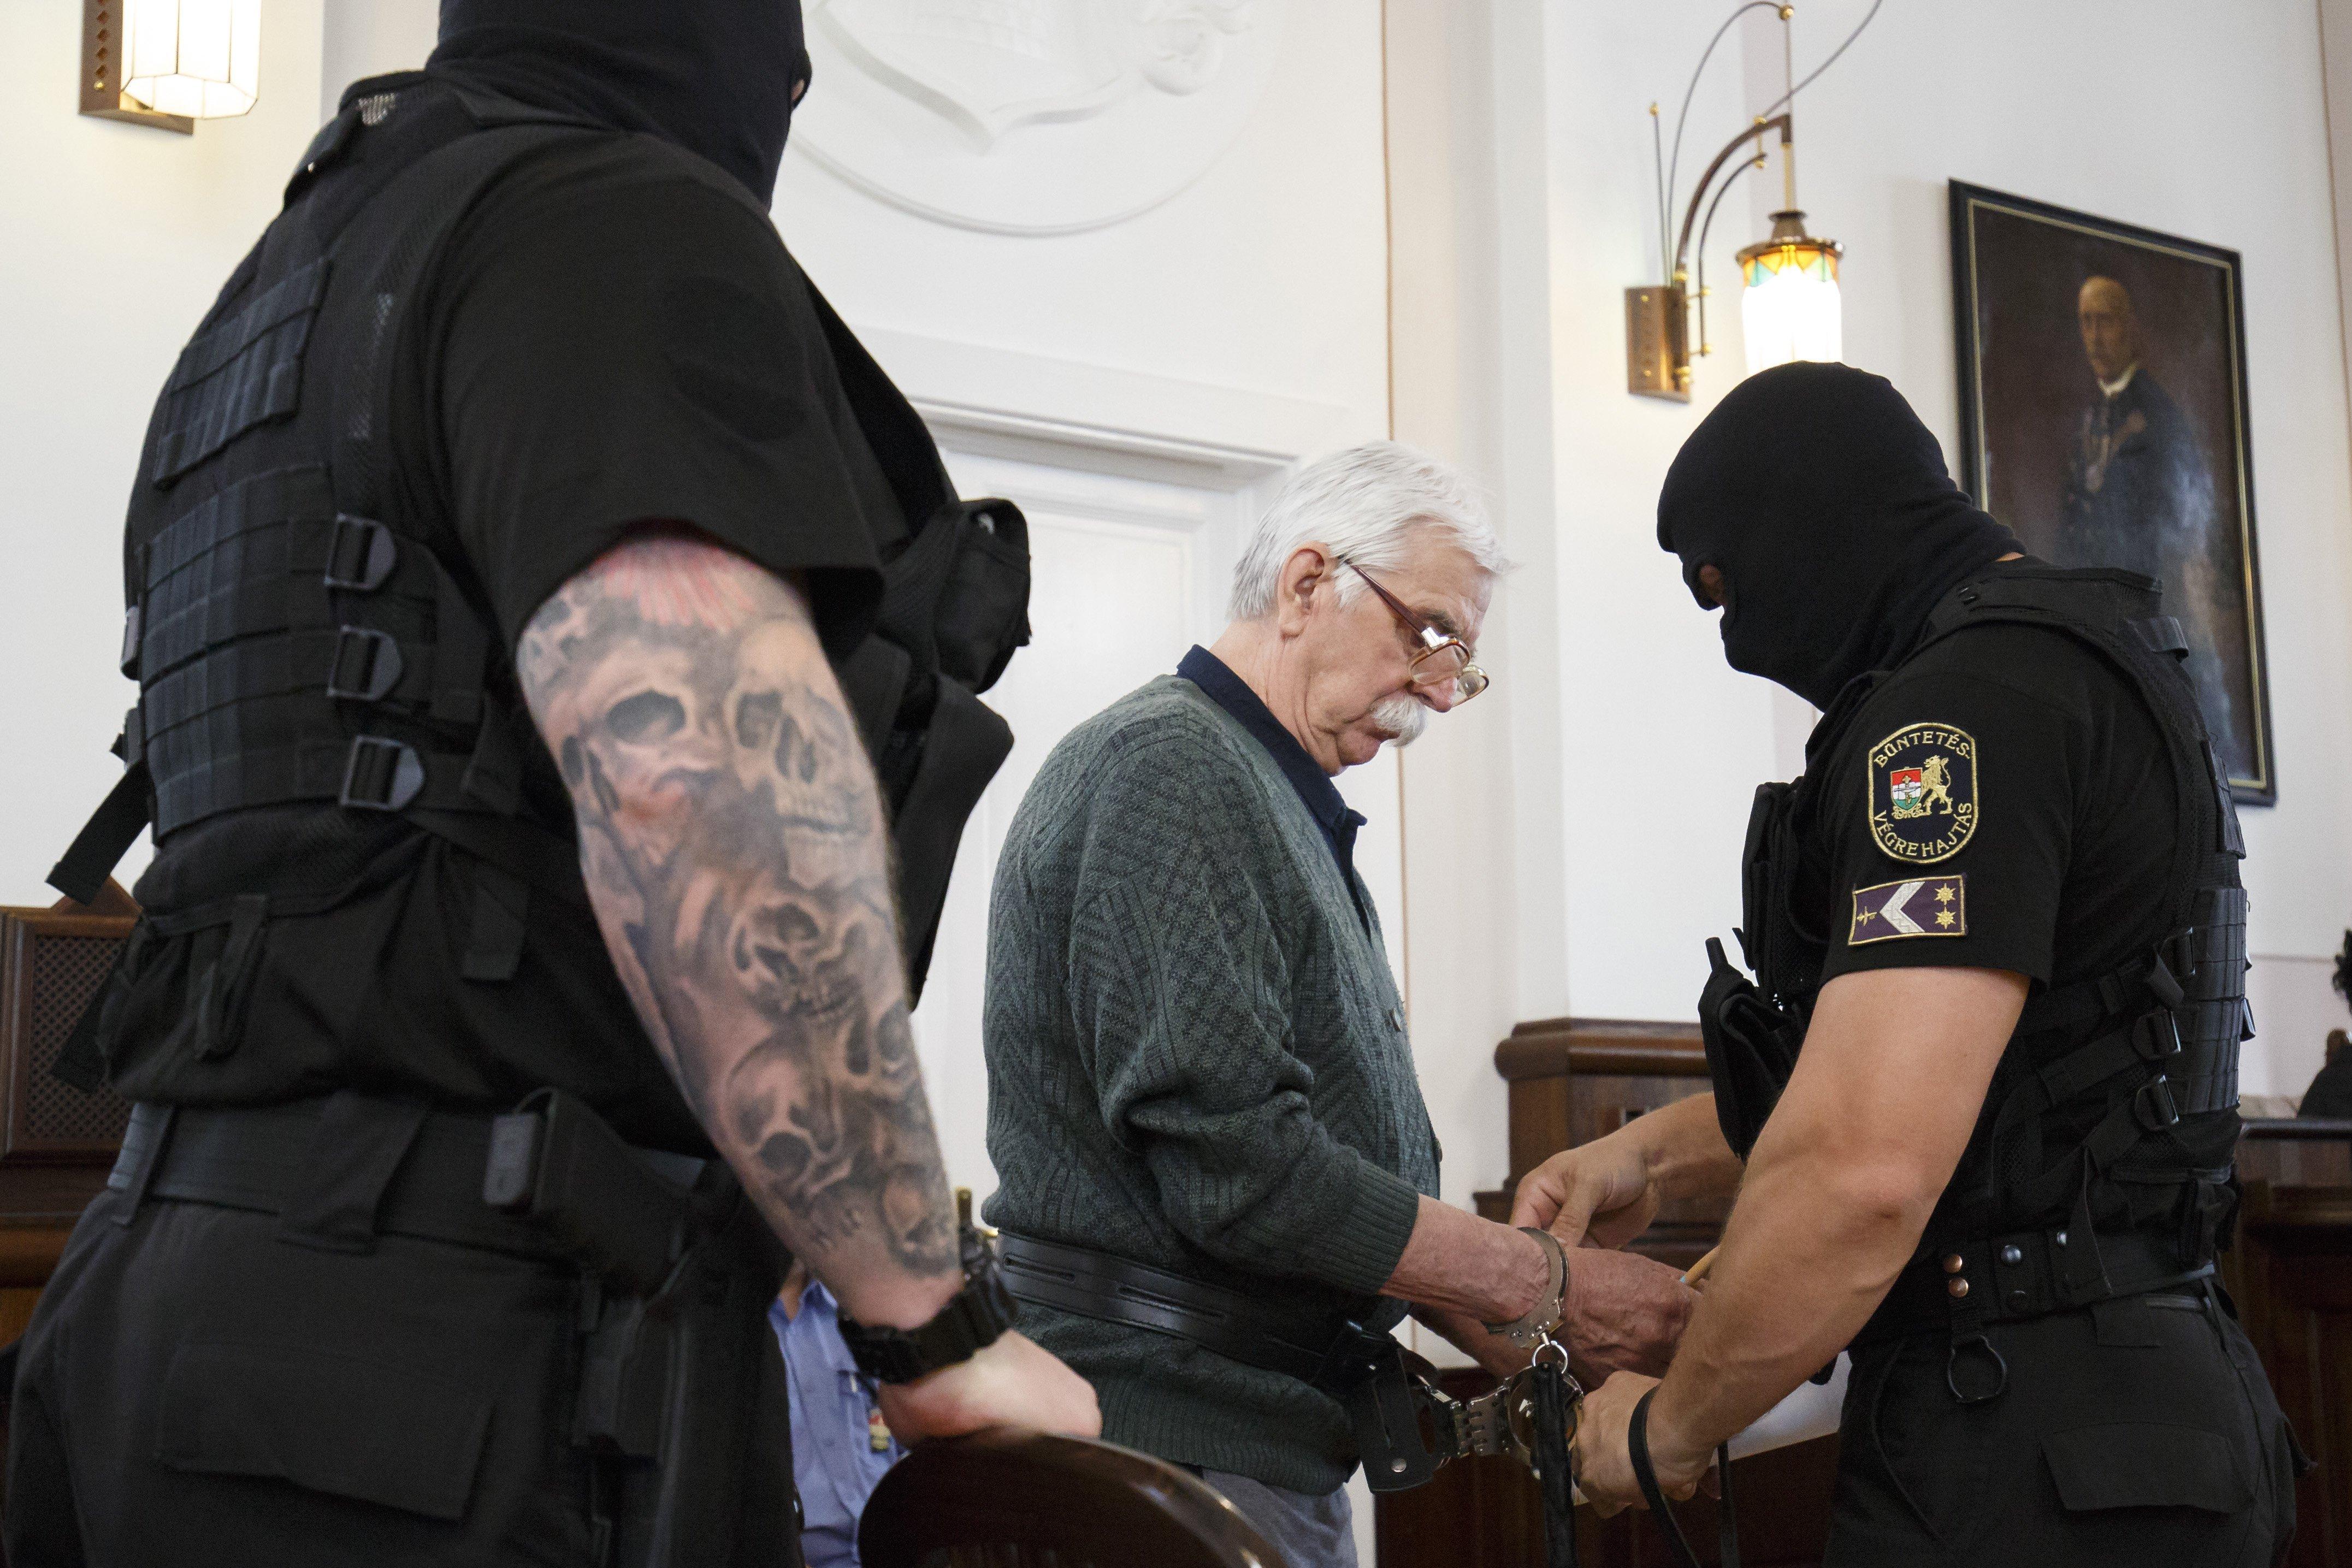 Életfogytig tartó fegyházra ítélték Győrkös Istvánt, amiért fejbe lőtt egy rendőrt